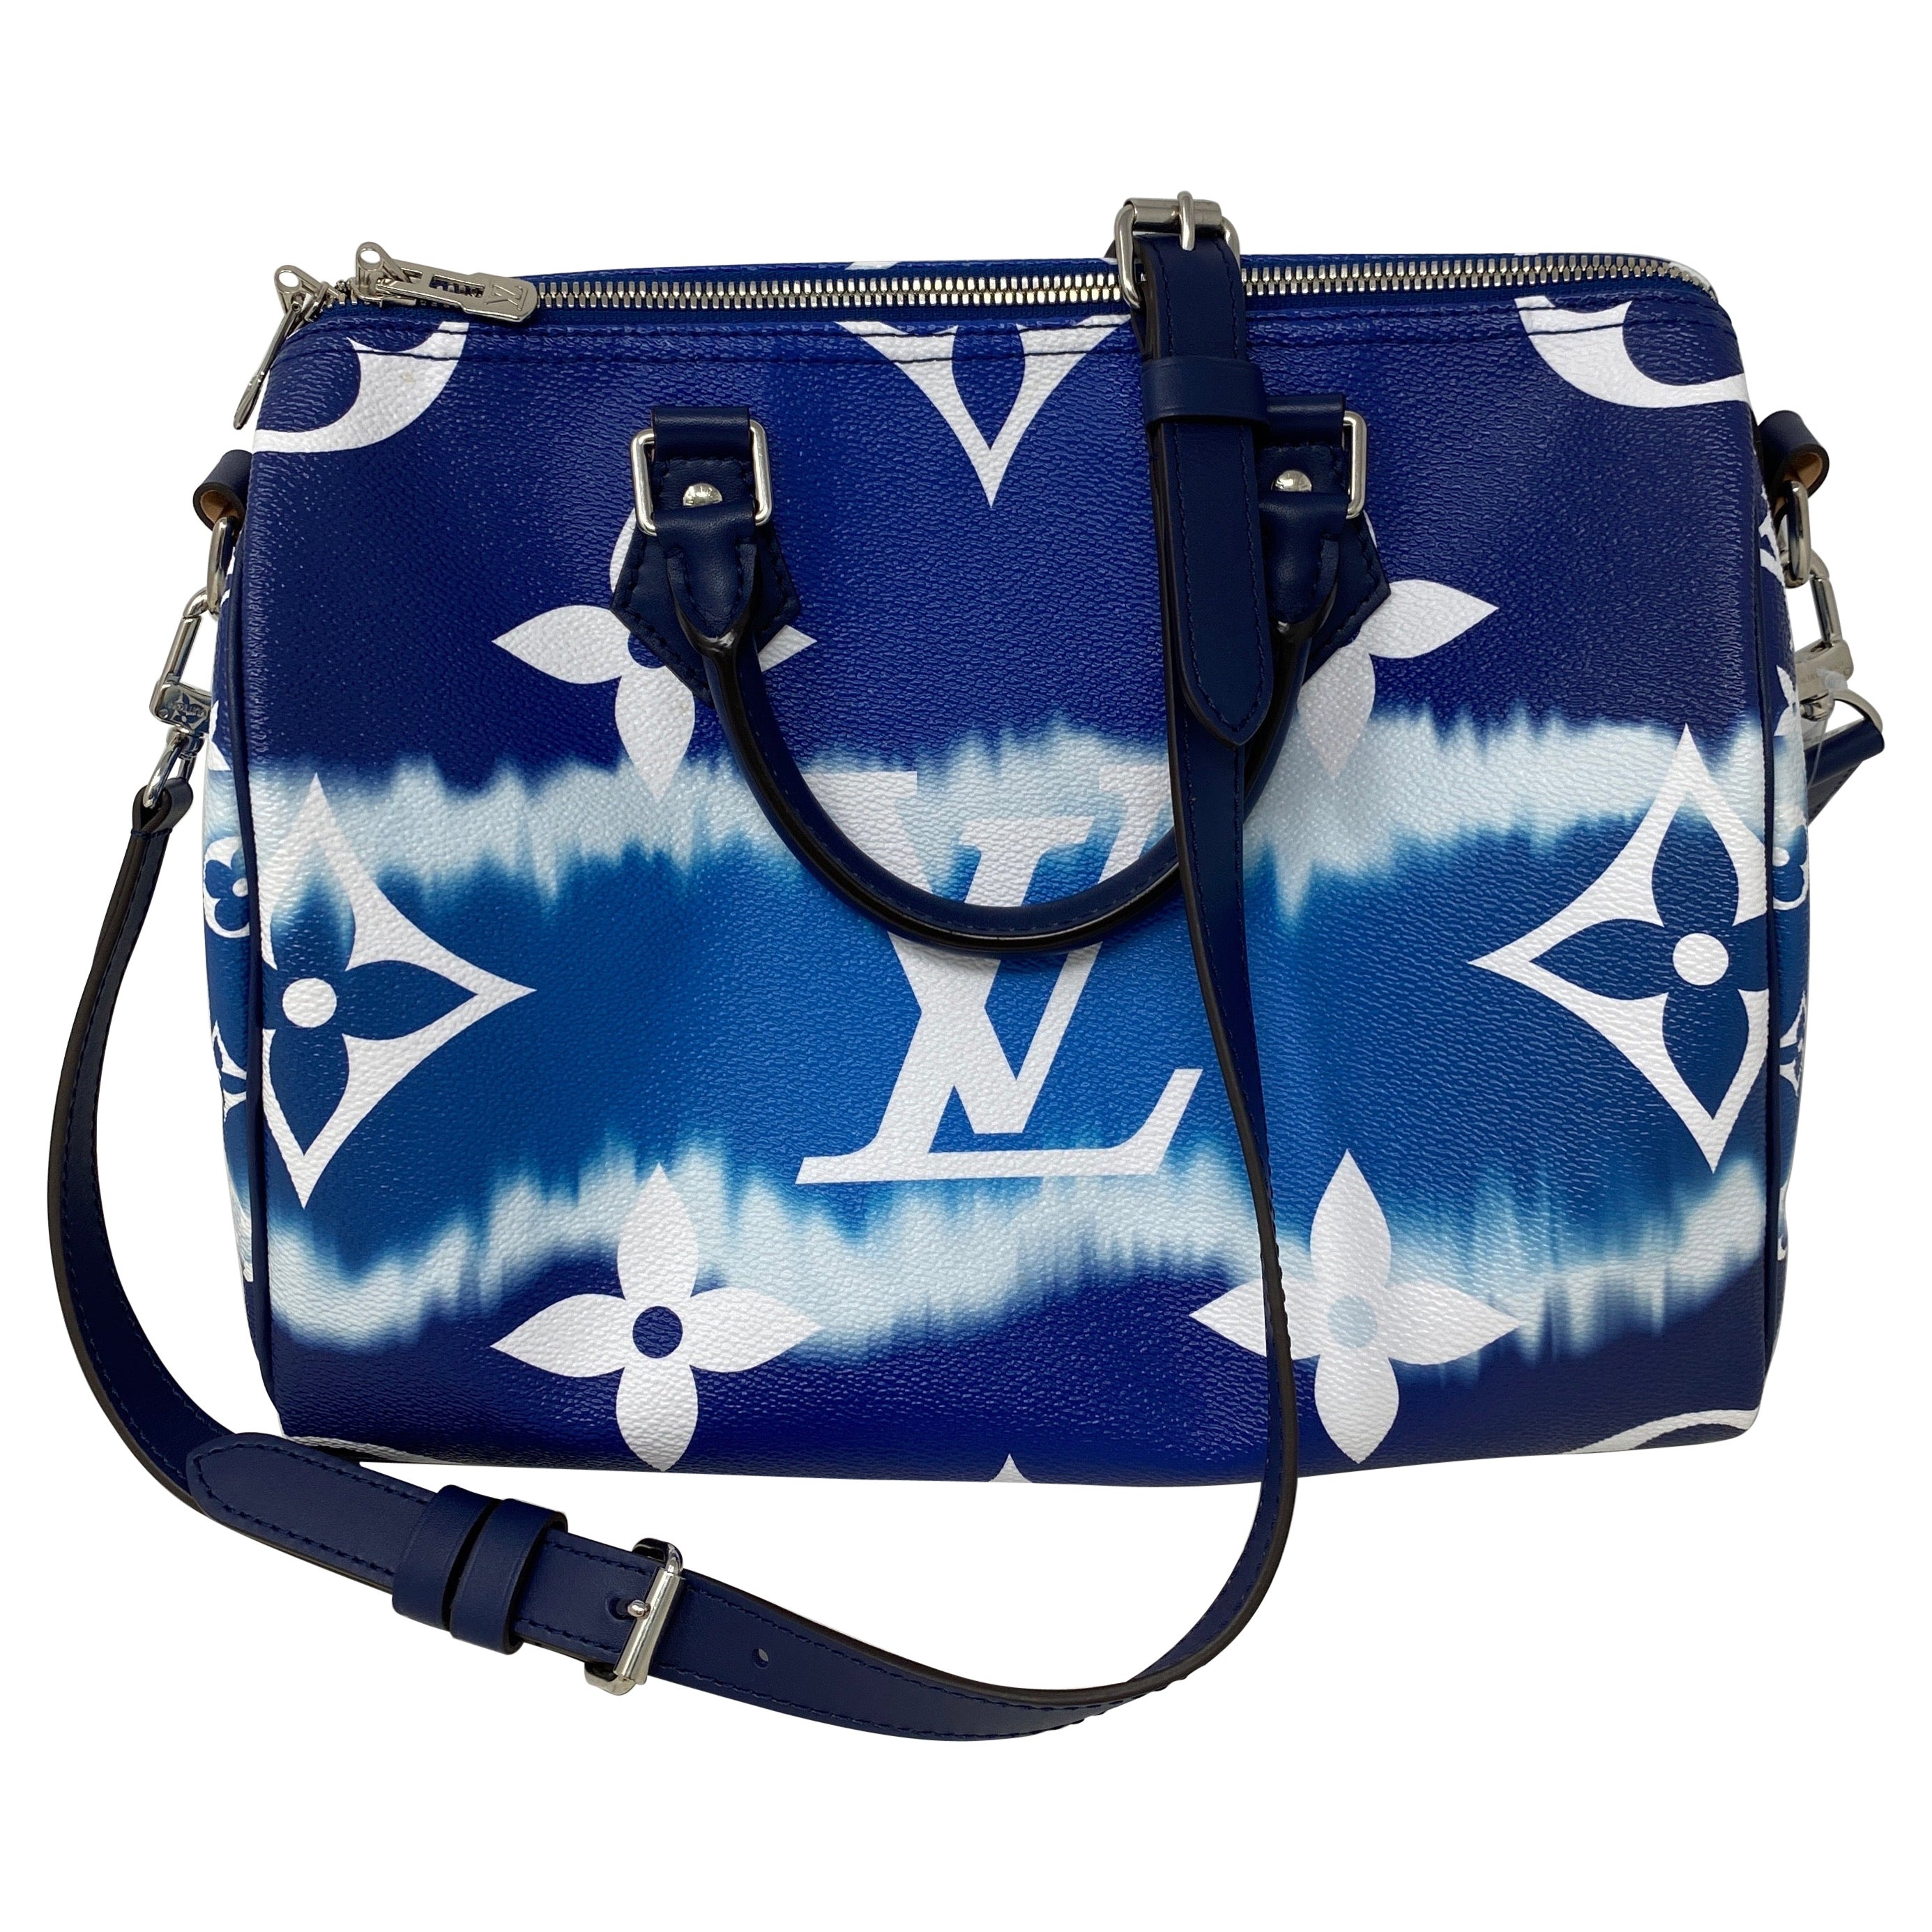 Louis Vuitton Blue Escale Speedy Bandouliere Bag